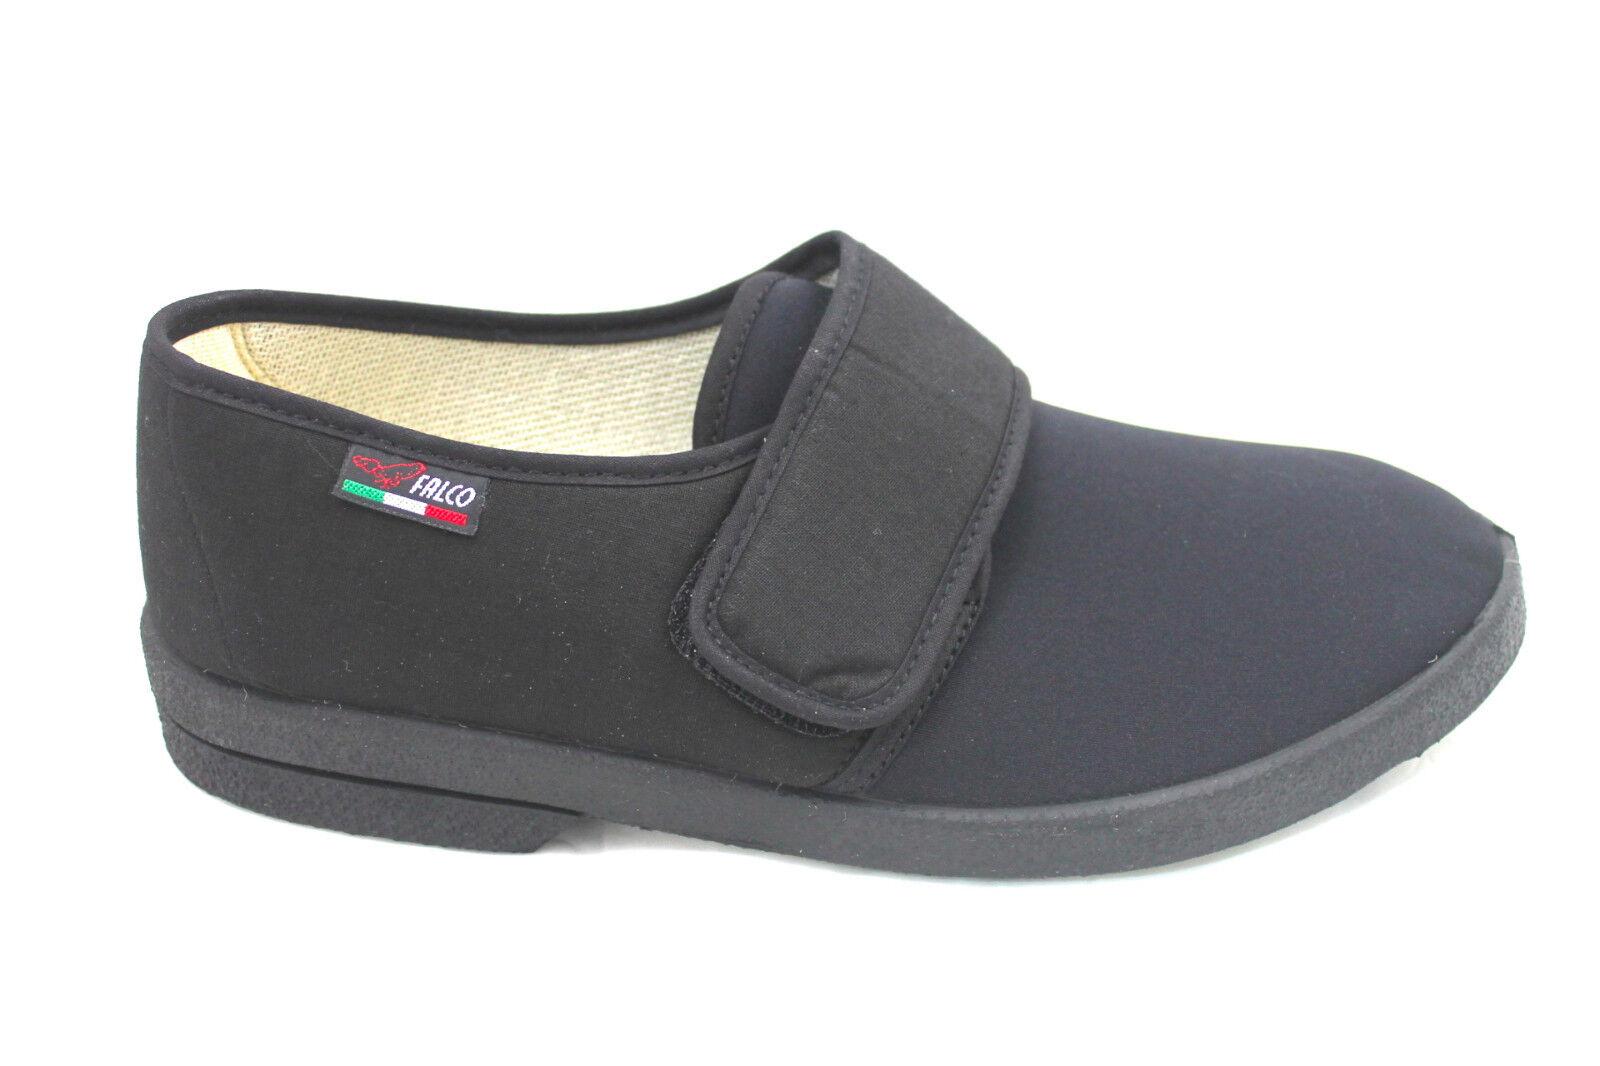 gaviga 340 scarpa uomo tela elasticizzata suola antiscivolo si adatta al piede